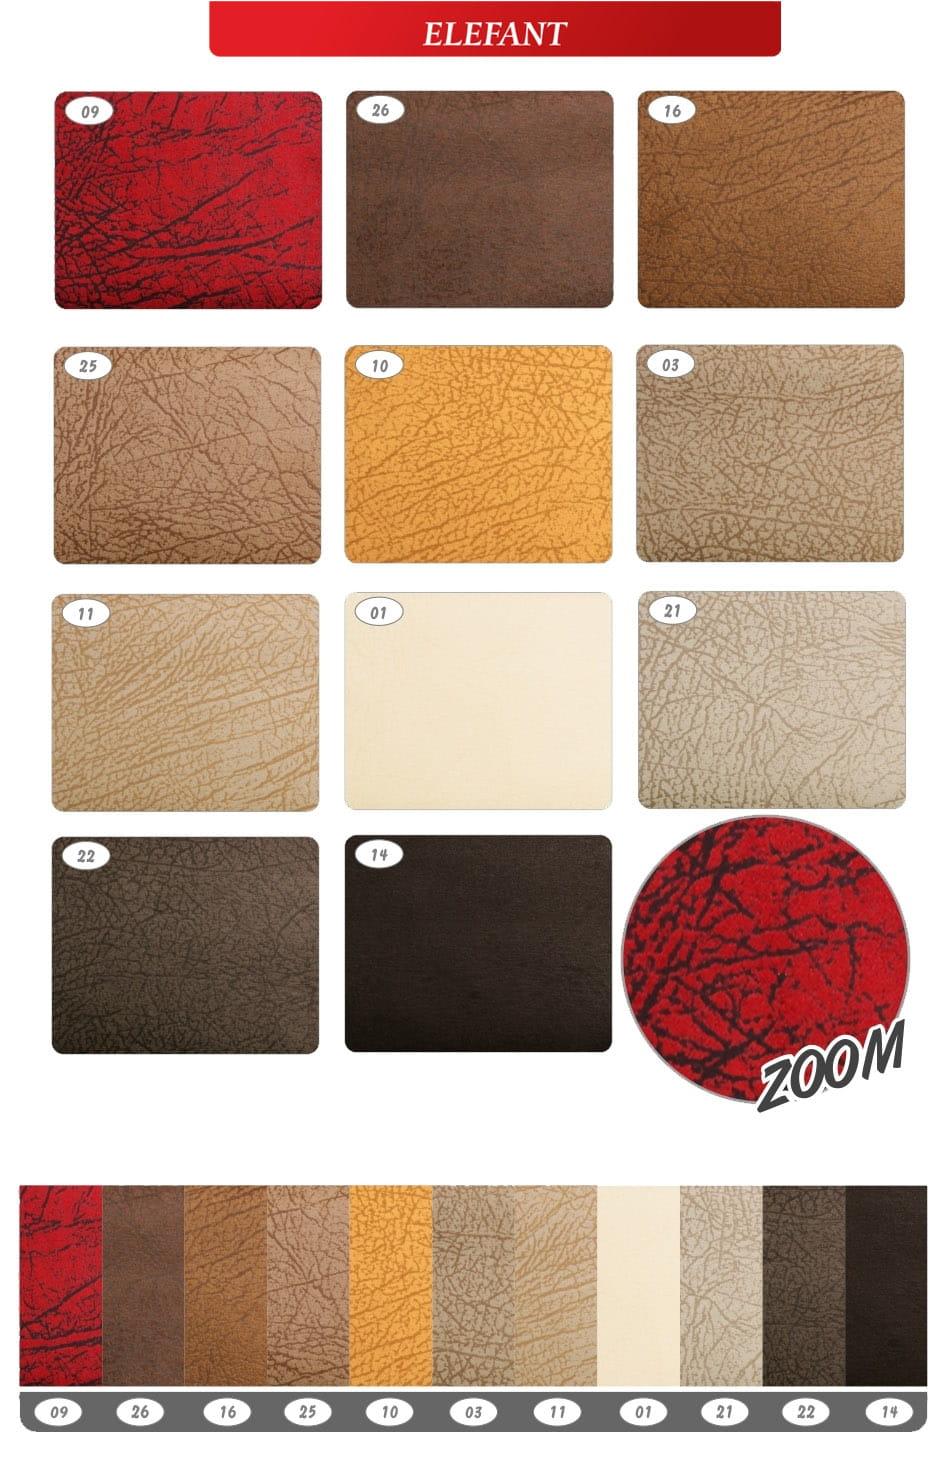 eckgarnitur felix deine moebel 24 einfach einrichten. Black Bedroom Furniture Sets. Home Design Ideas